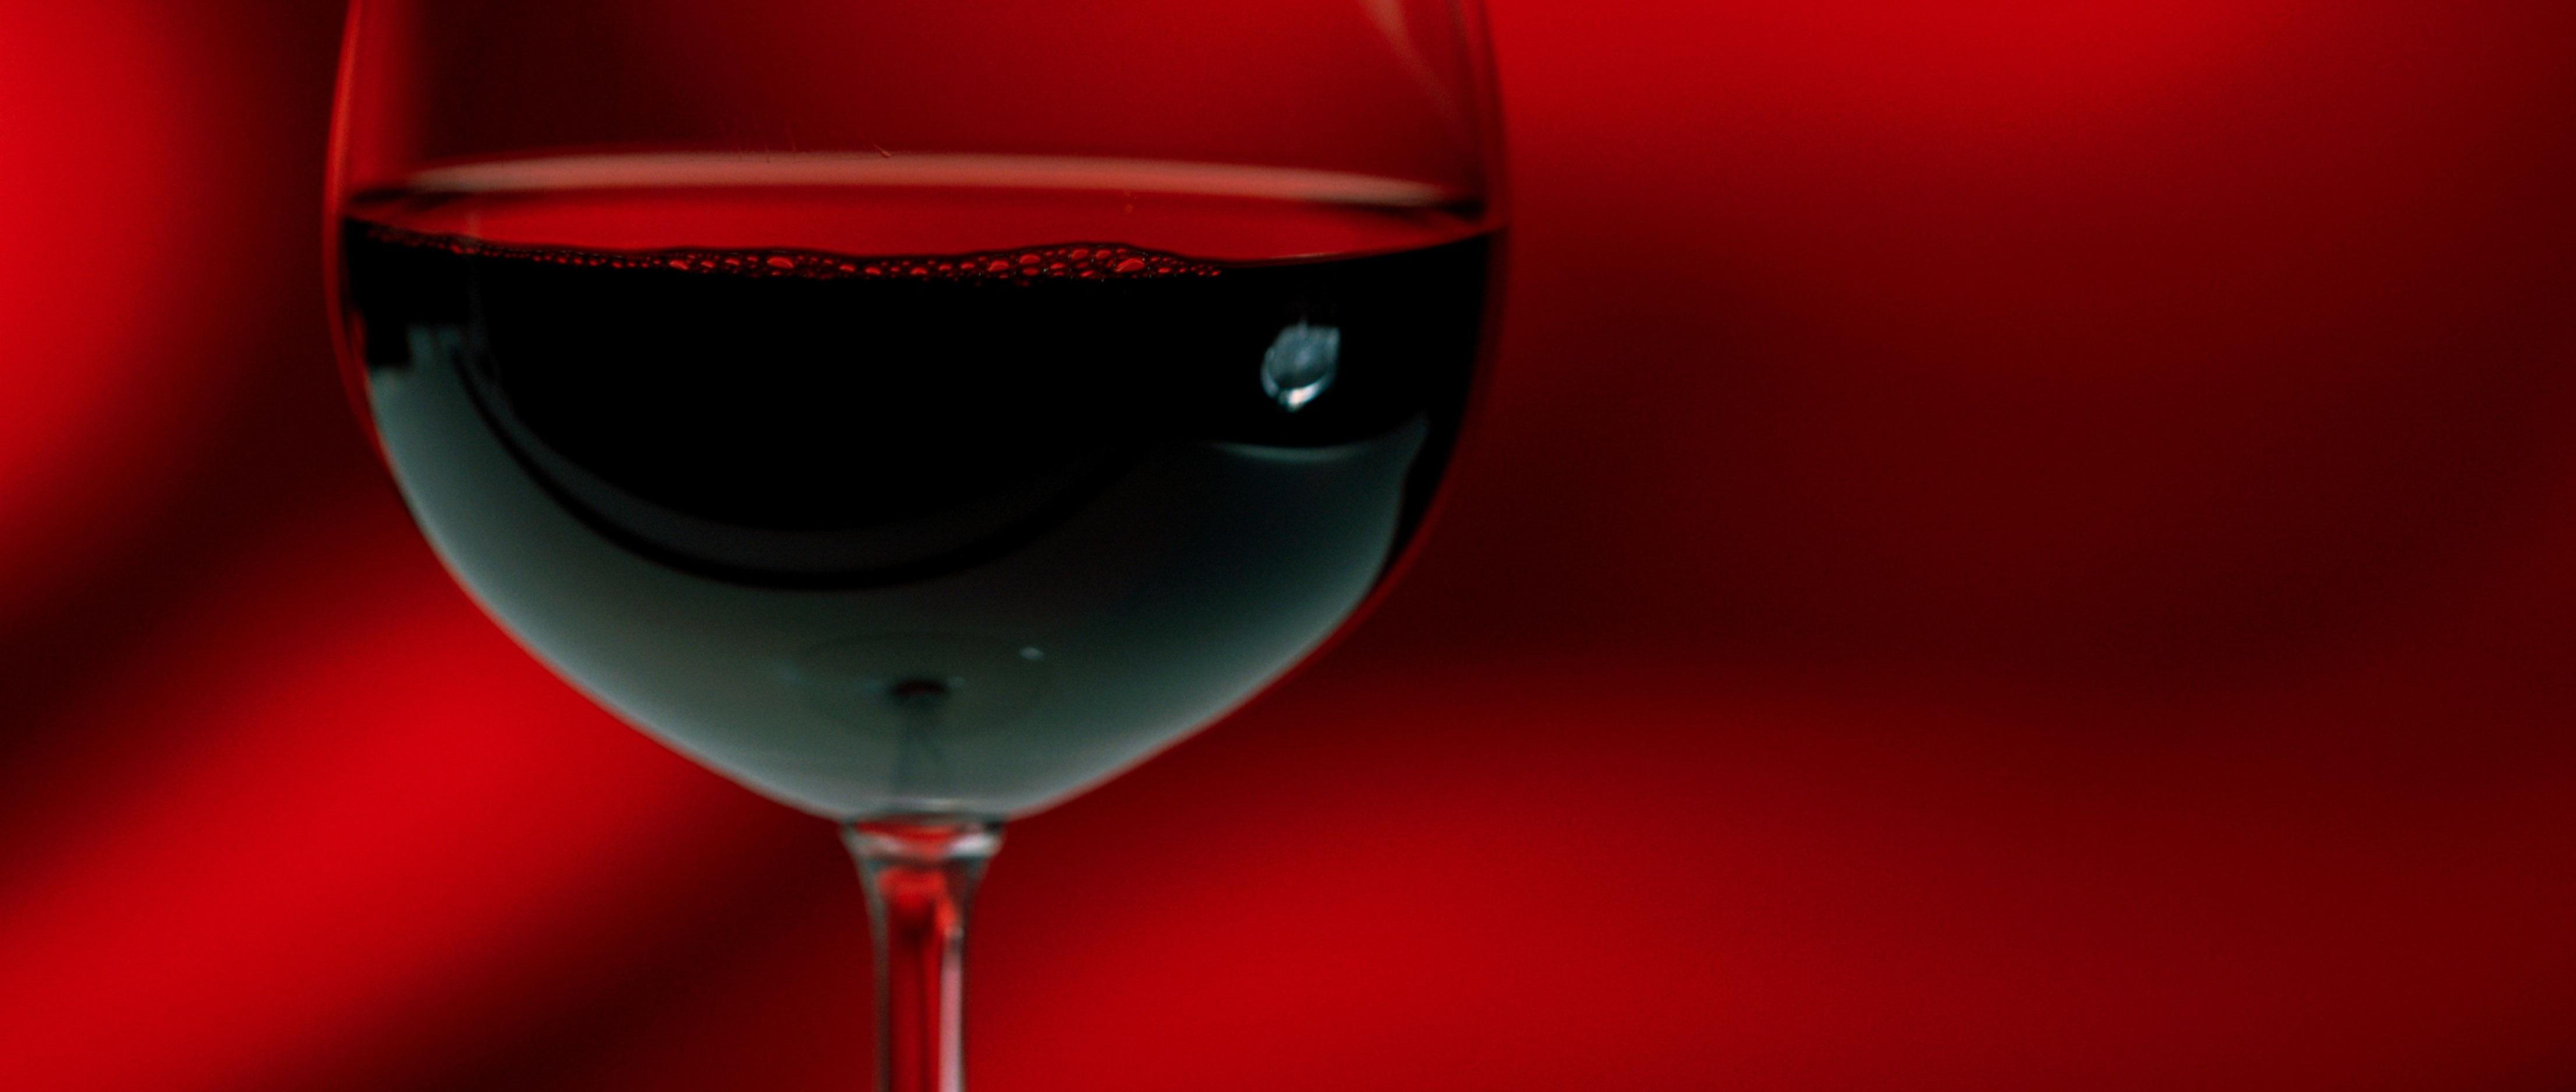 vinho tinto alexandre taleb moda masculina 3 - Os 10 melhores vinhos tintos para servir